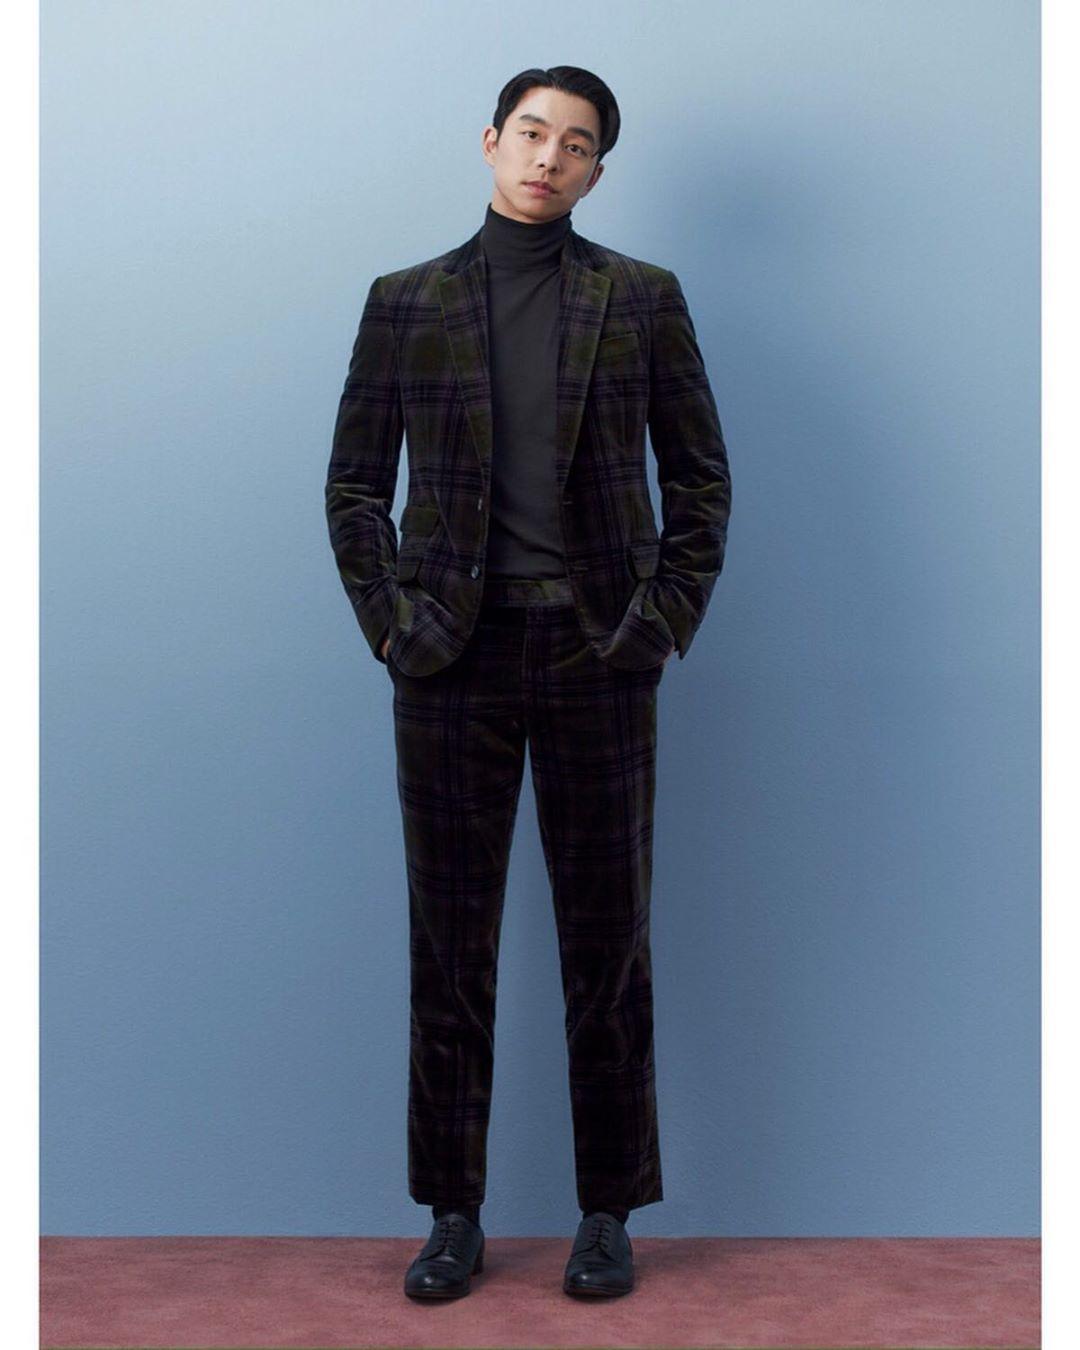 gong yoo mặc suit nhung kẻ ô